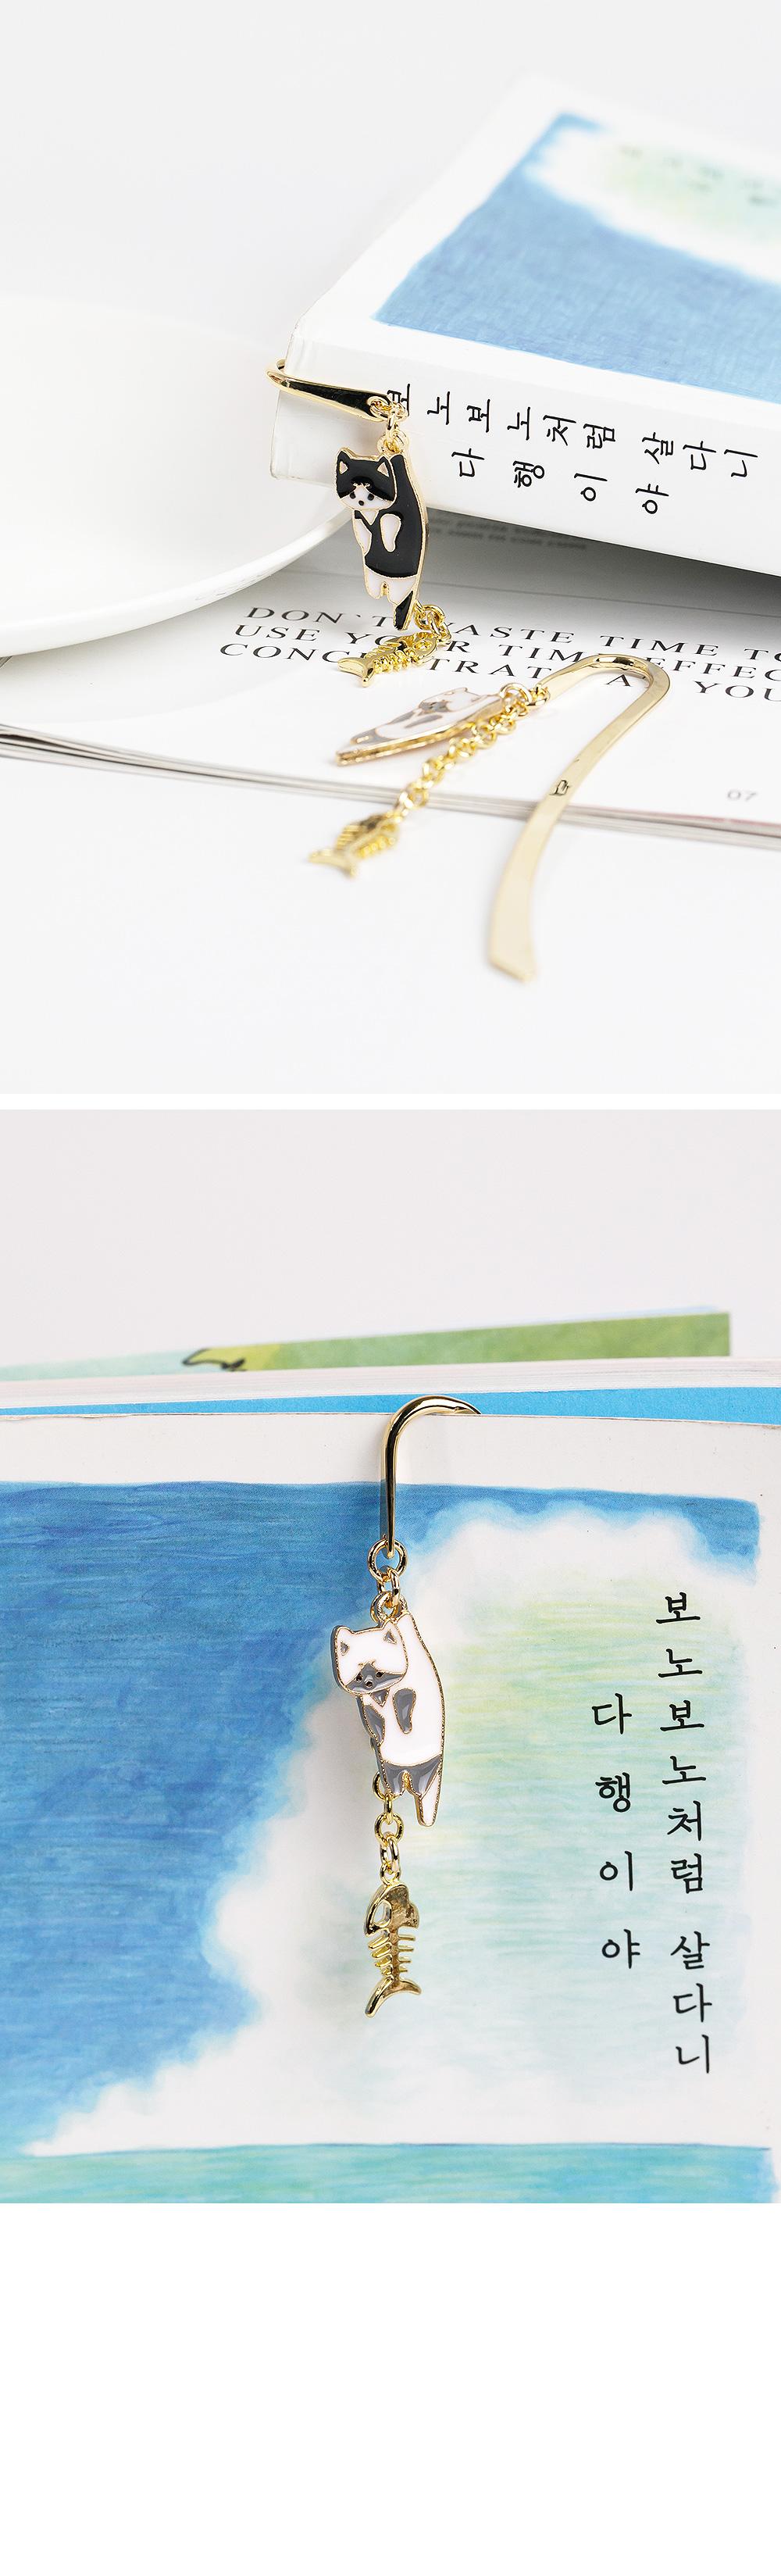 [핸드메이드] 캣 본본 책갈피 - 폭스타일, 8,000원, 북마크/책갈피, 심플